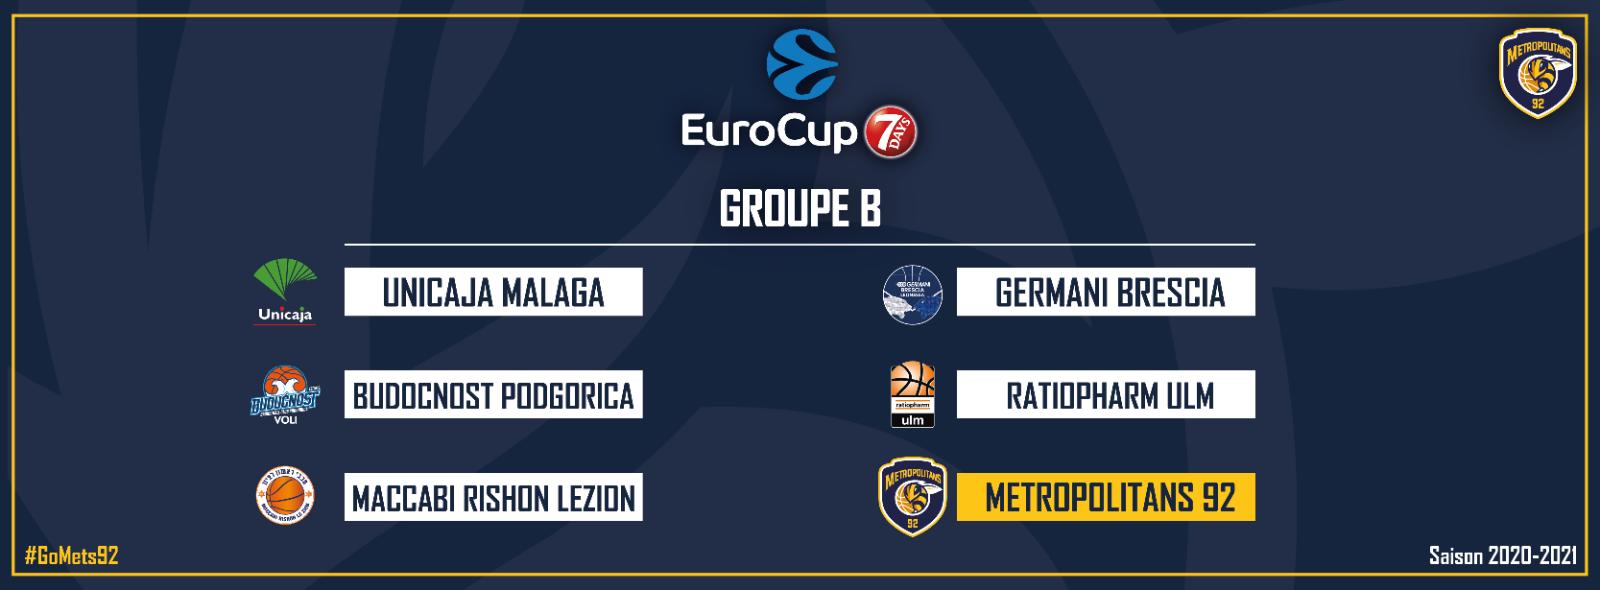 Eurocup 20/21 - Les adversaires des Metropolitans 92